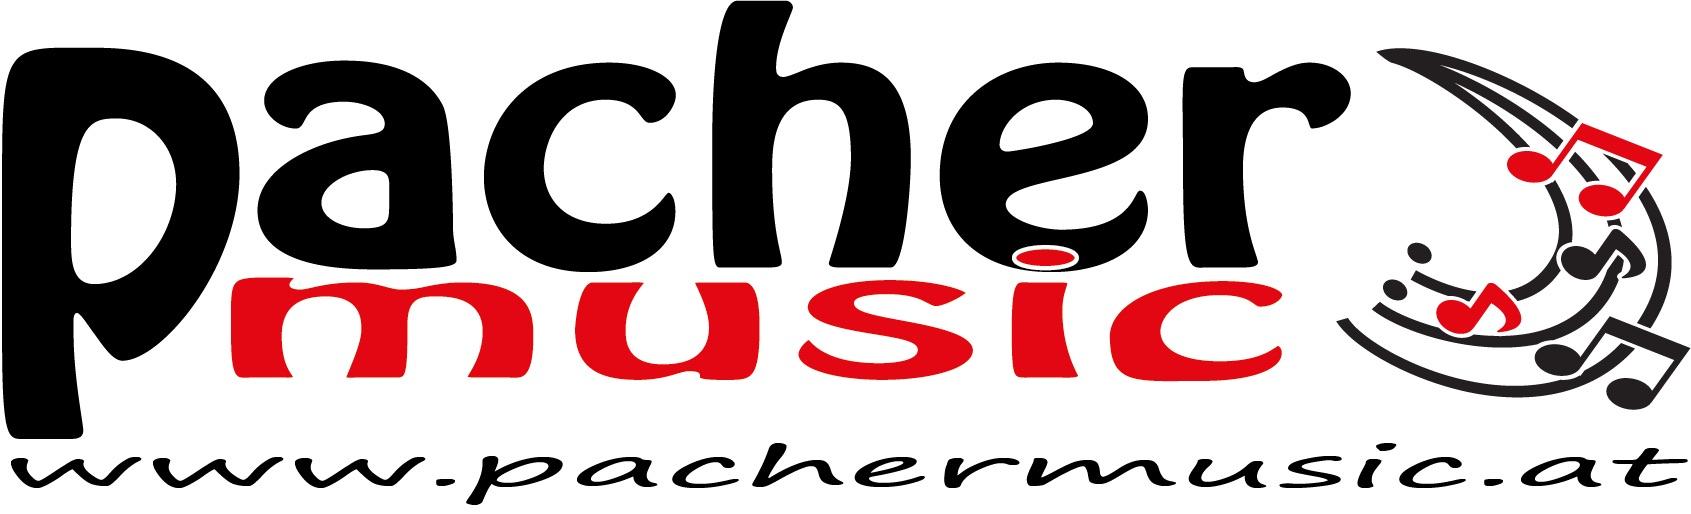 Pacher Music